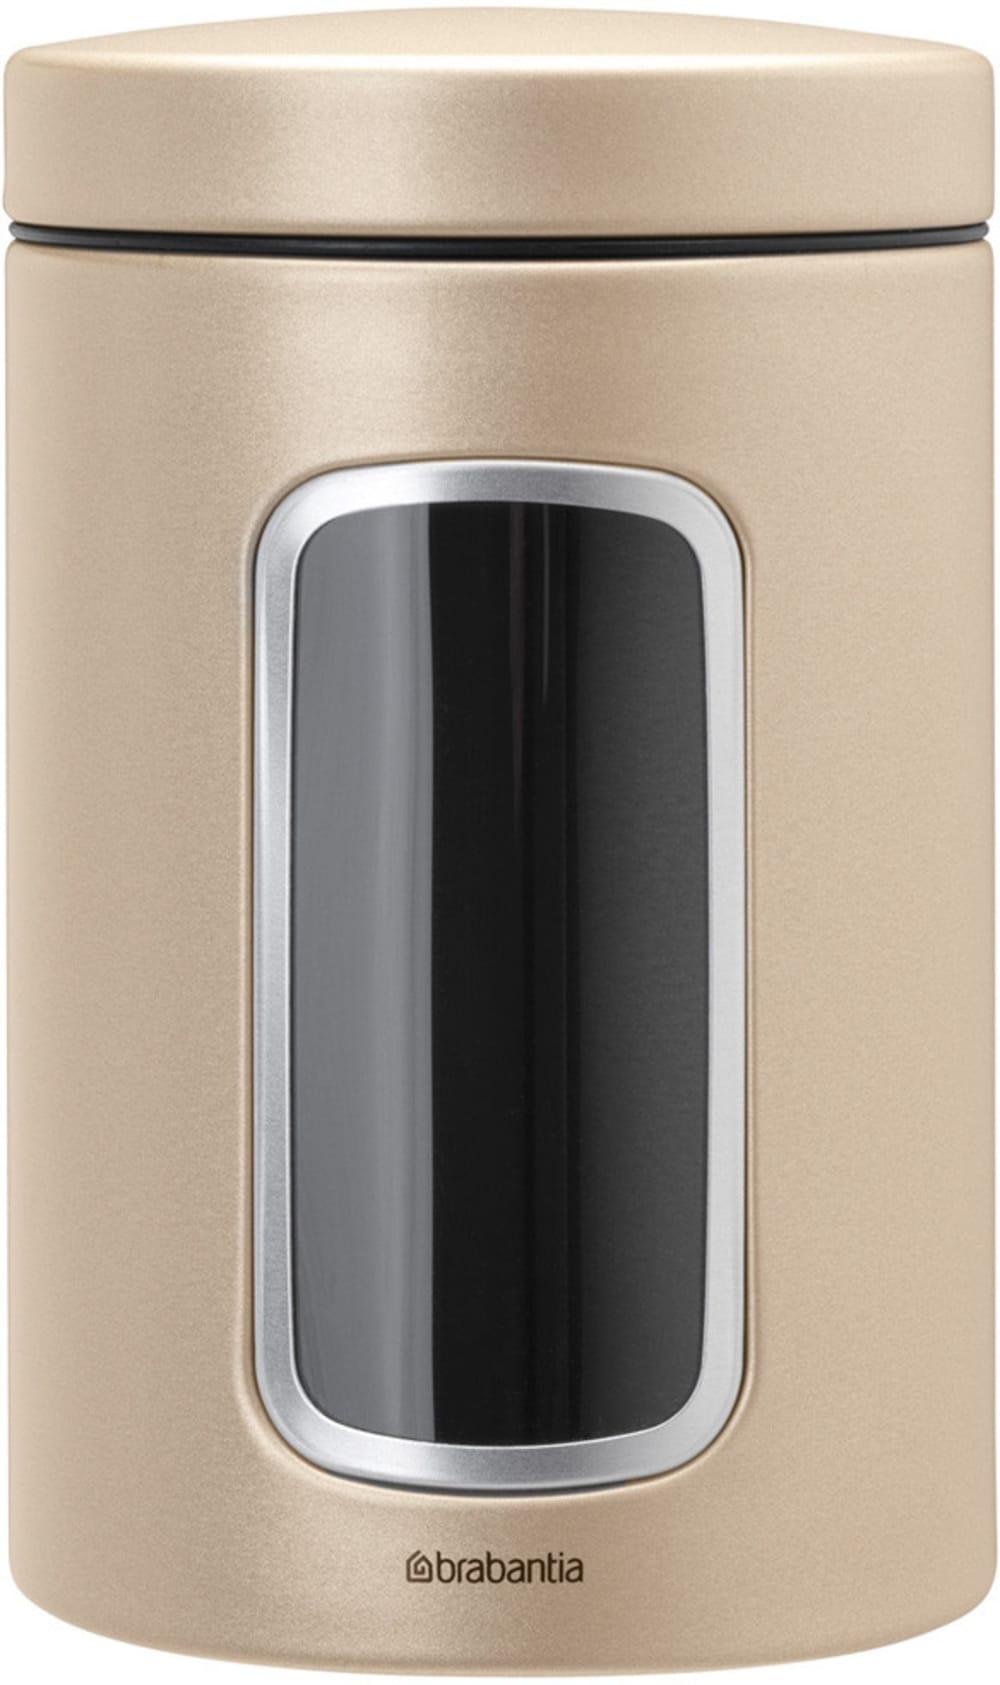 Brabantia pojemnik z okienkiem szampański 1.4 l